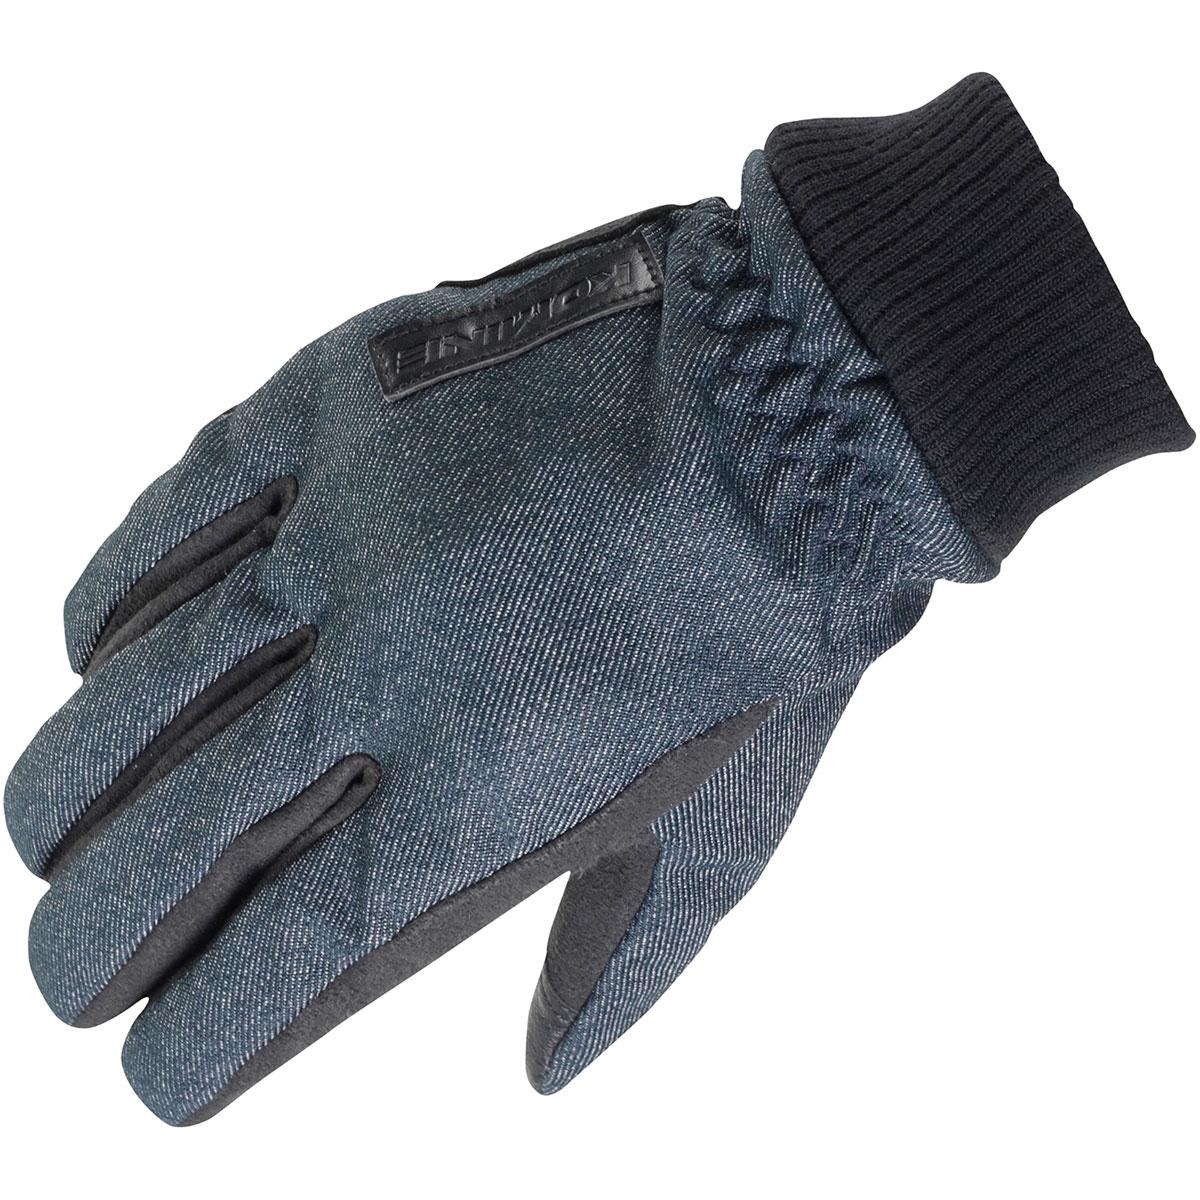 バイクウェア・プロテクター, グローブ  (Komine) Gloves GK-835 3XL 06-835DENIM3XL